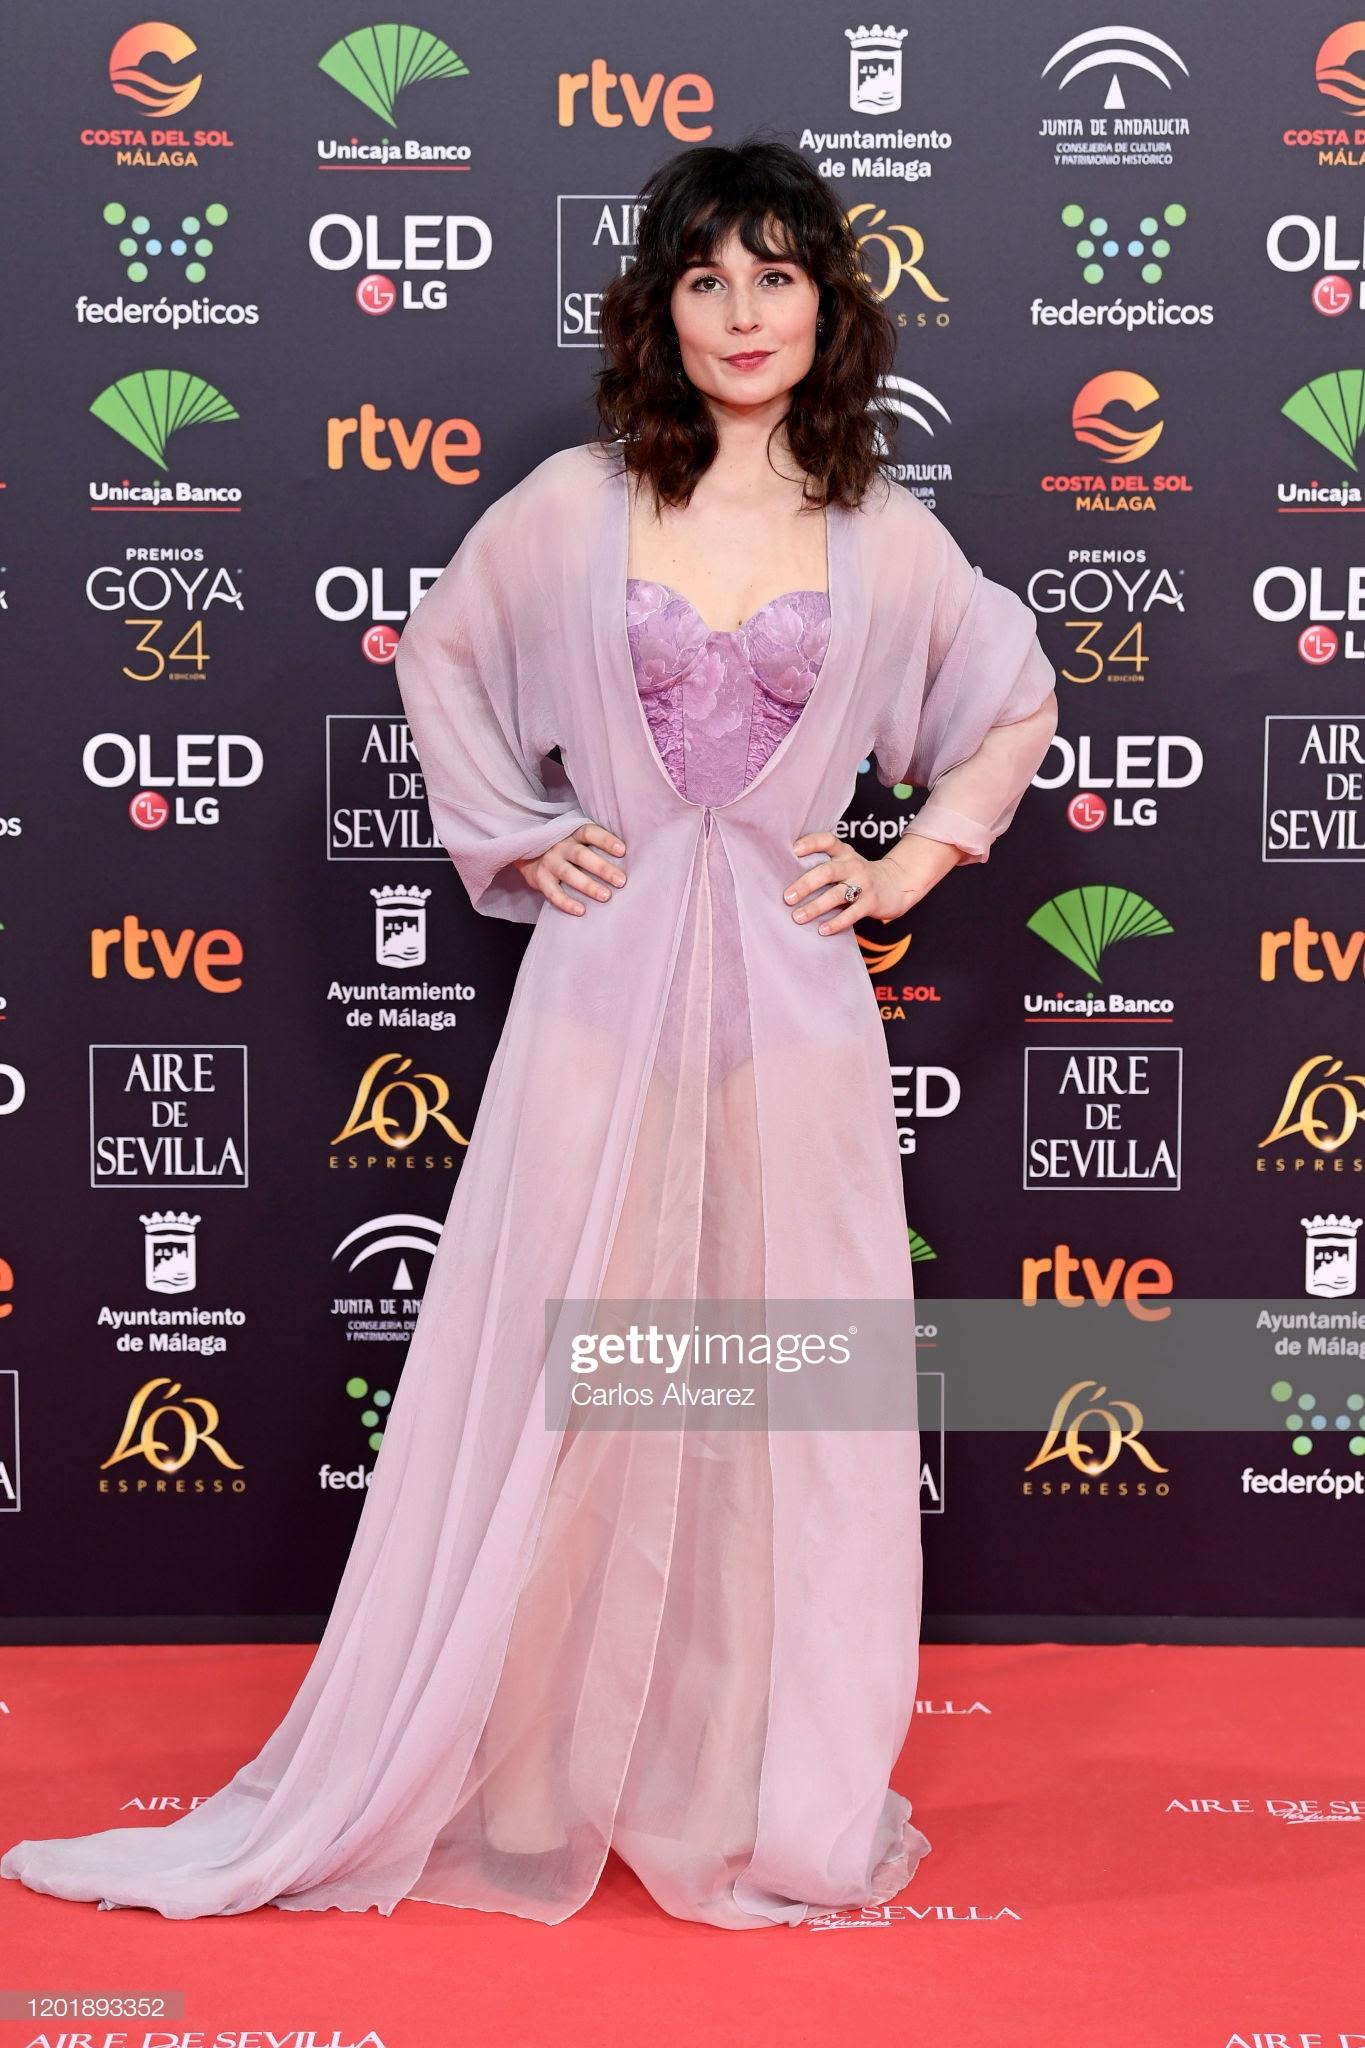 74f5cada 6ab0 40e0 9fef 44ca4a489488 - Premios Goya 2020 : Looks de todas las celebrities que lucieron  marcas de Replica